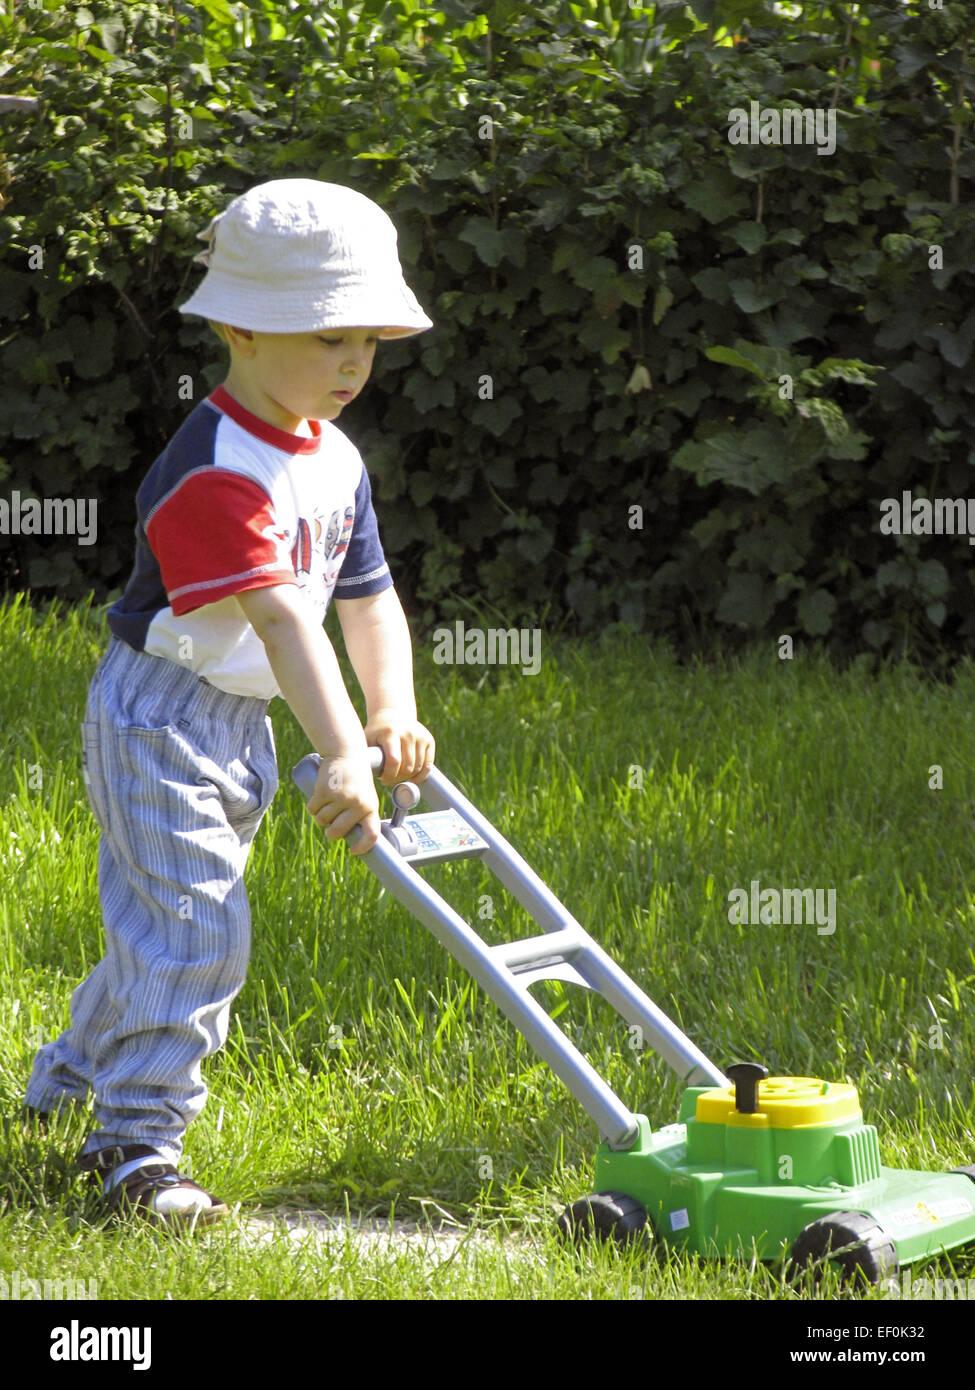 garten-junge rasenmaeher art kindheit kinderrasenmaeher spielzeug